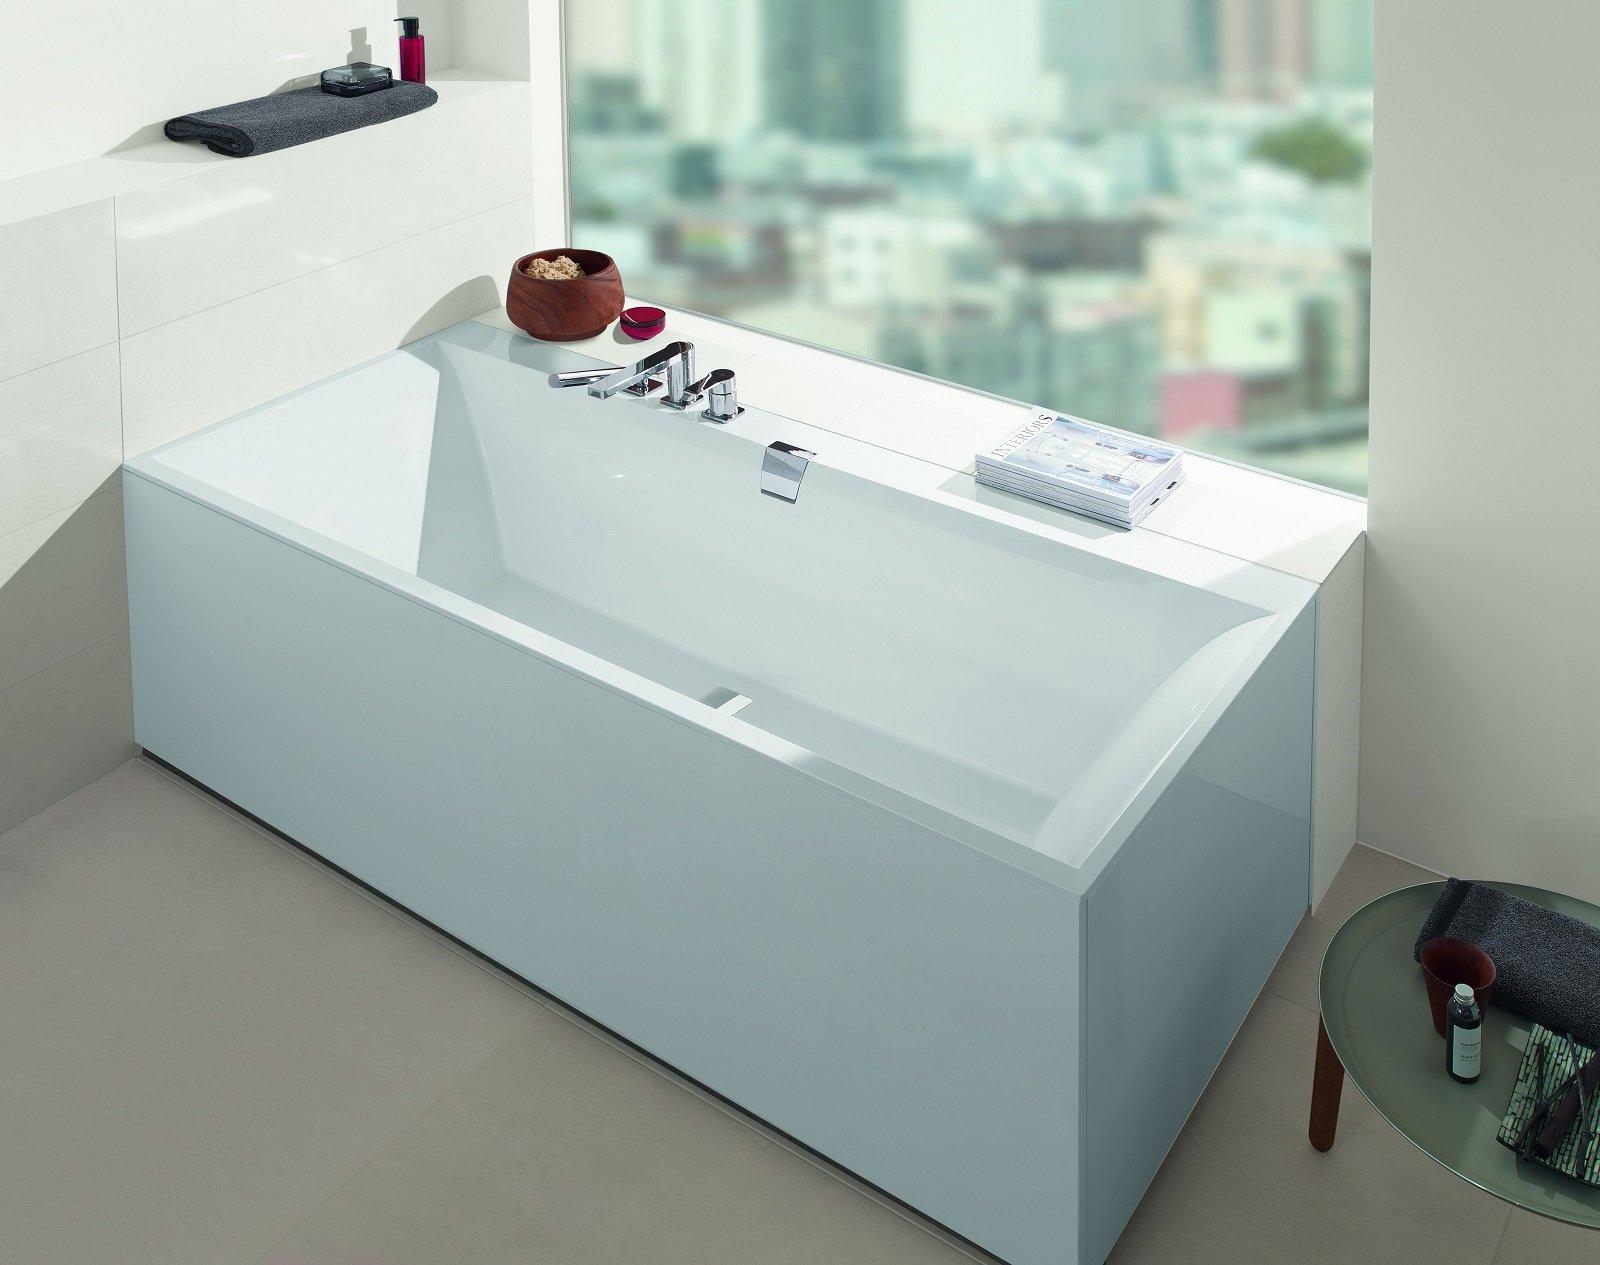 Vasca Da Bagno 180 100 : Le vasche a parete in materiali resistenti e di facile manutenzione.